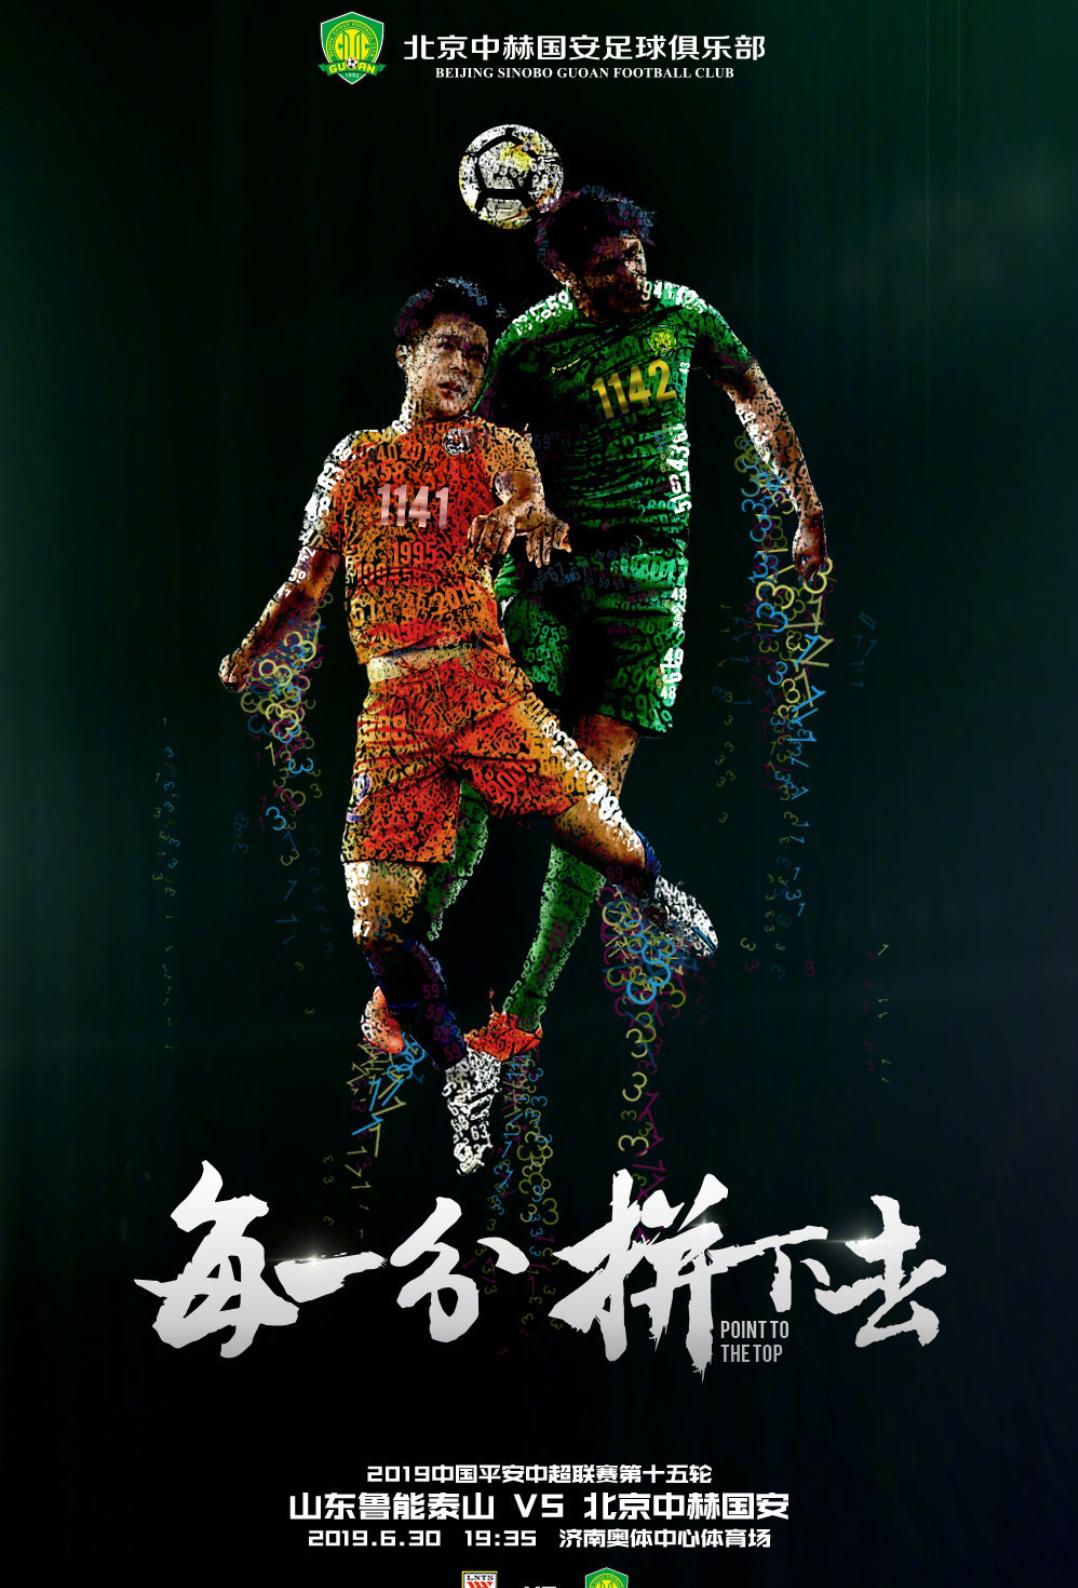 国安、上港、深足、江苏苏宁与武汉卓尔发布中超第15轮海报